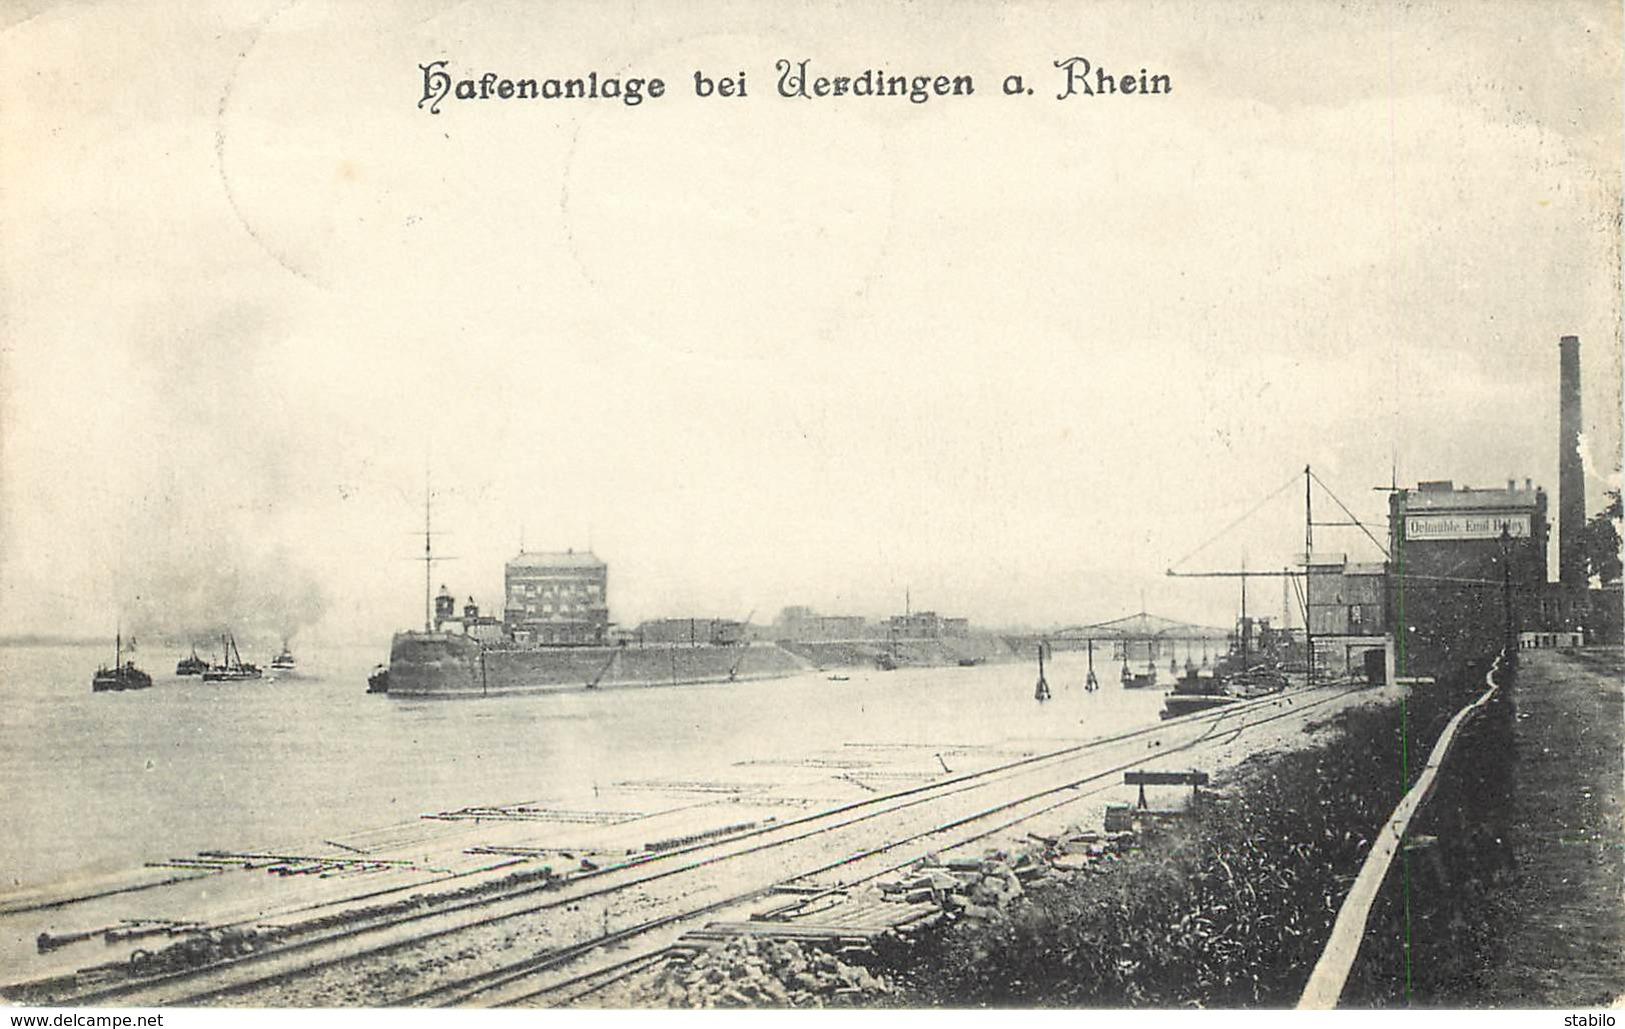 ALLEMAGNE - UERDINGEN - HAFENANLAGE - Allemagne